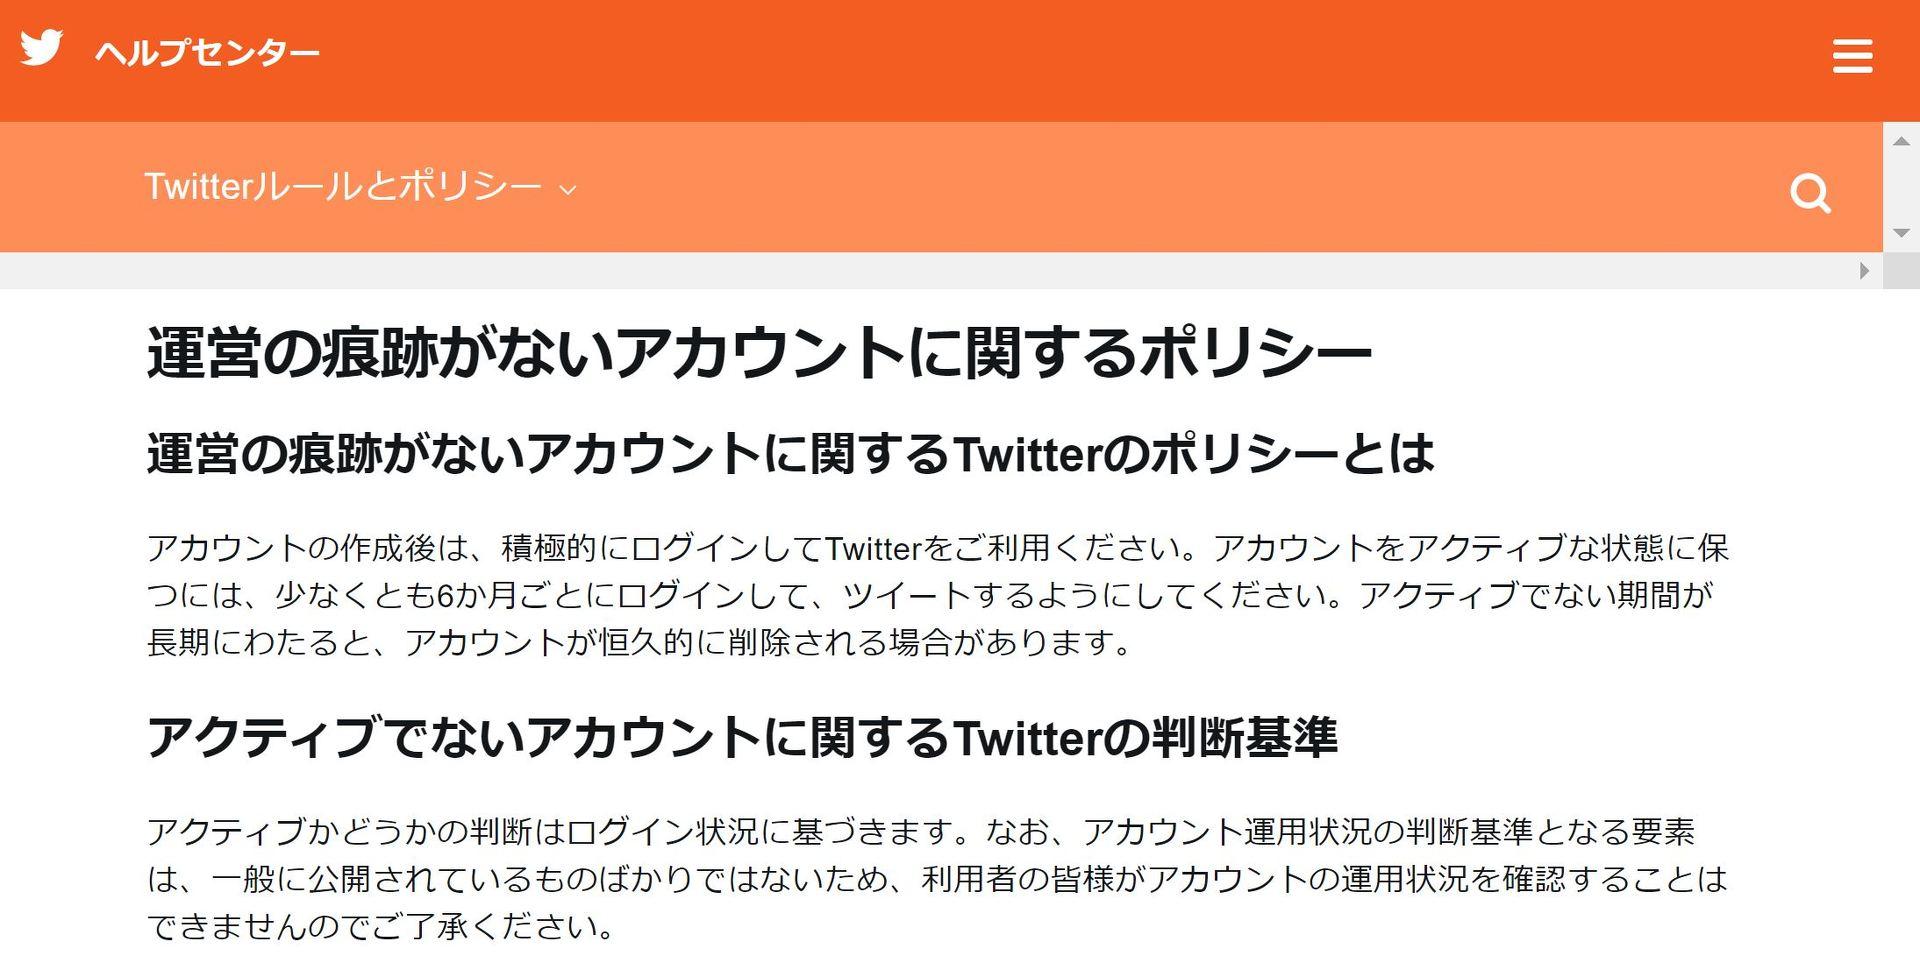 アカウント 作り直し twitter